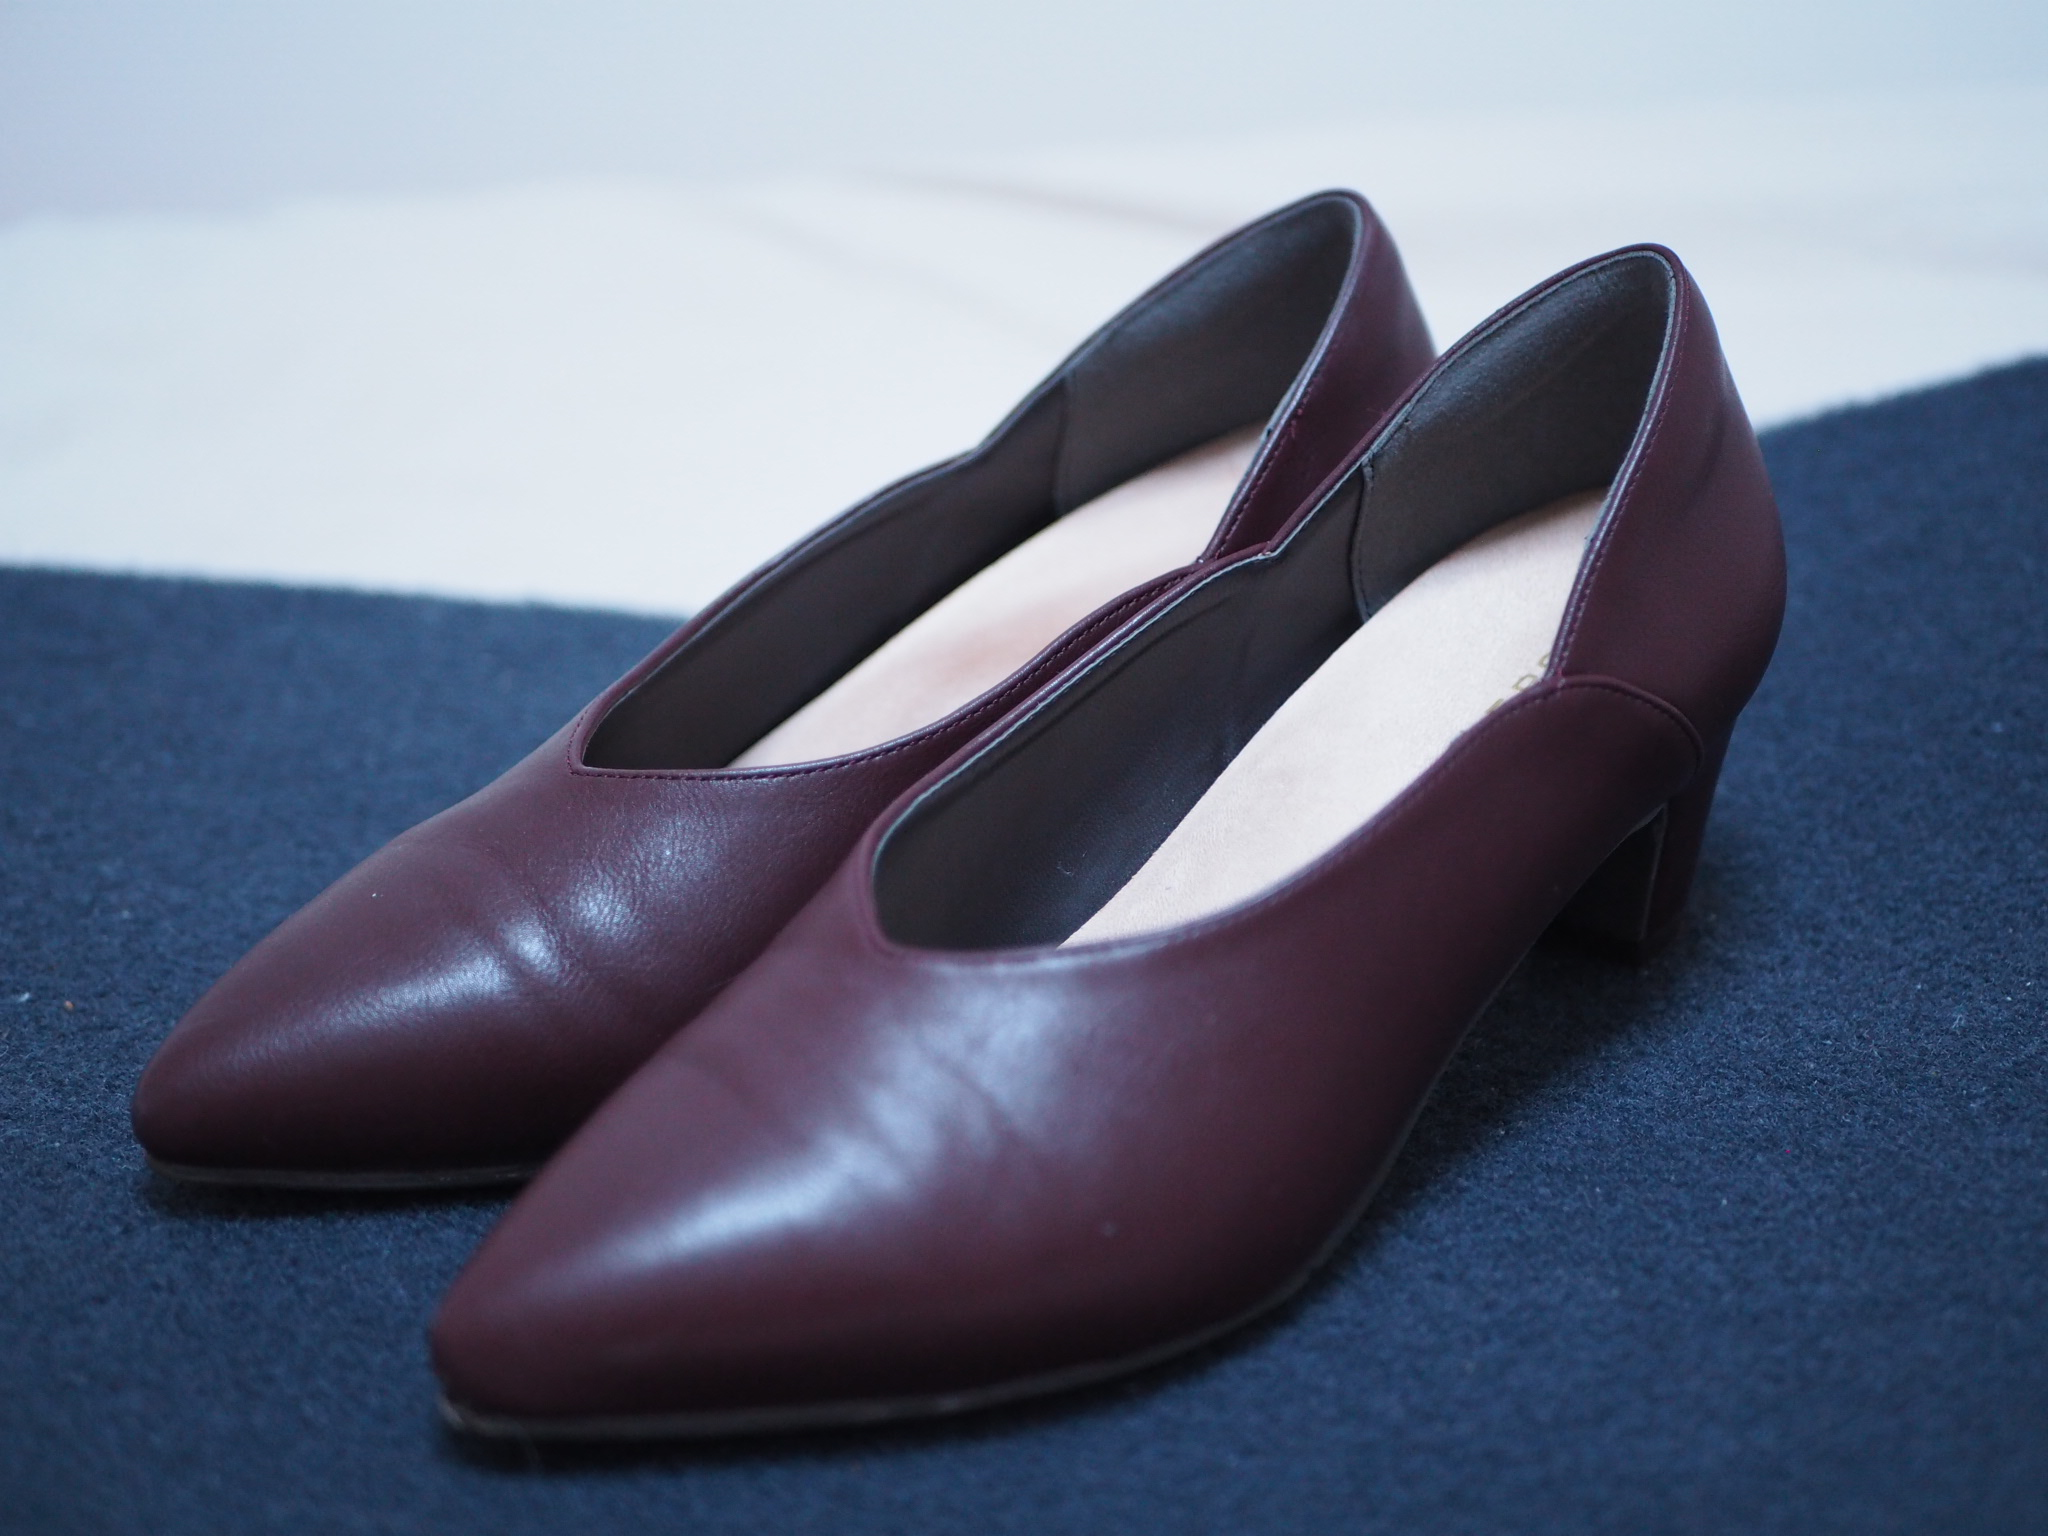 【#LEPSIM】冬のさし色はプチプラで投入!DARK RED item♡_3